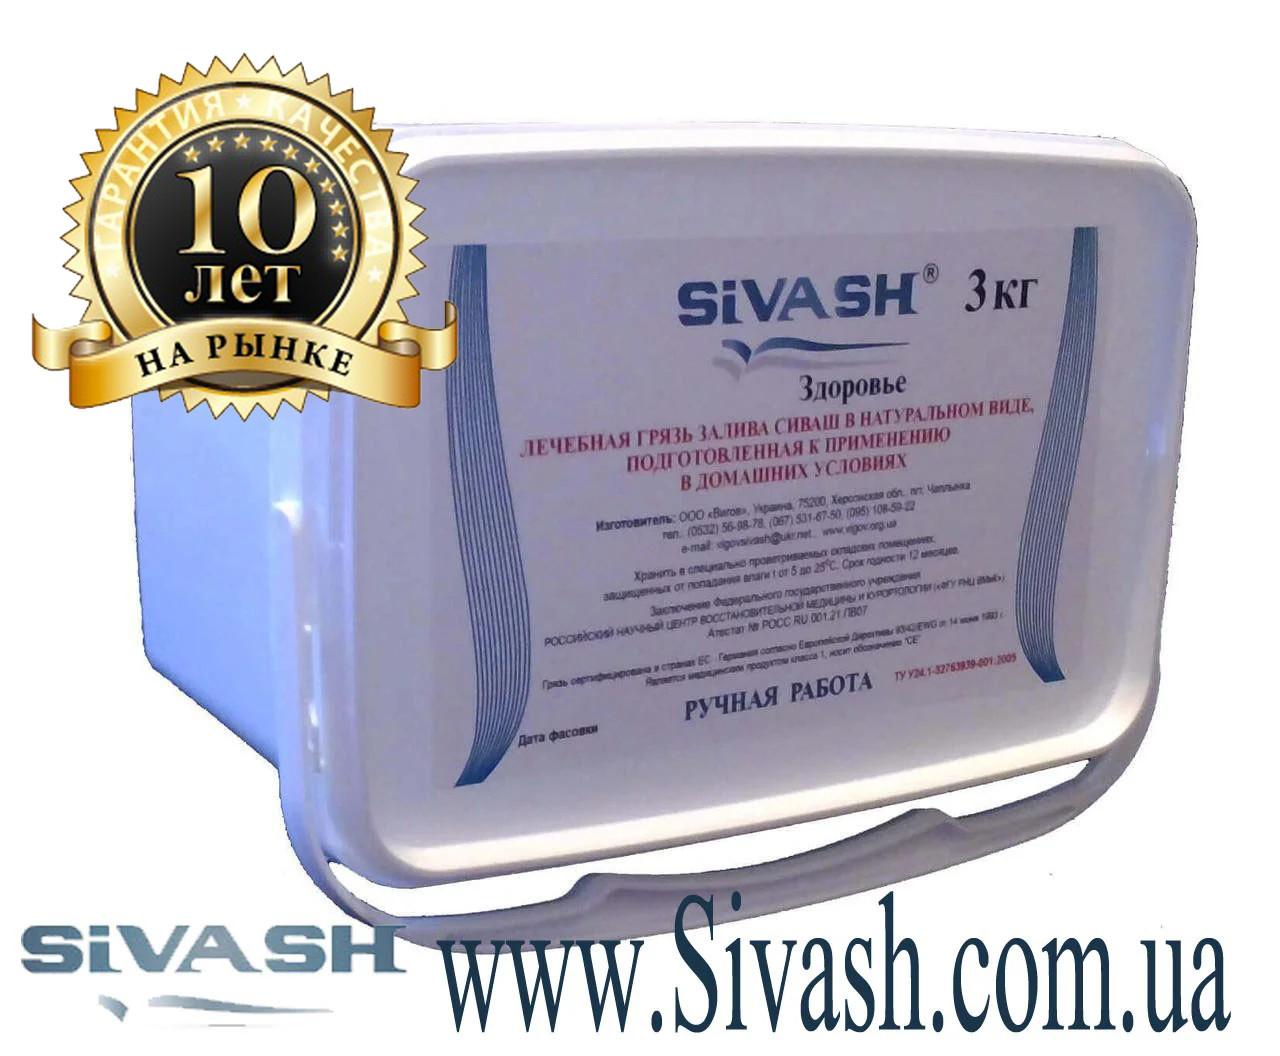 Грязь лечебная залива Сиваш 3 кг Целебная грязь имеет сертификат качества